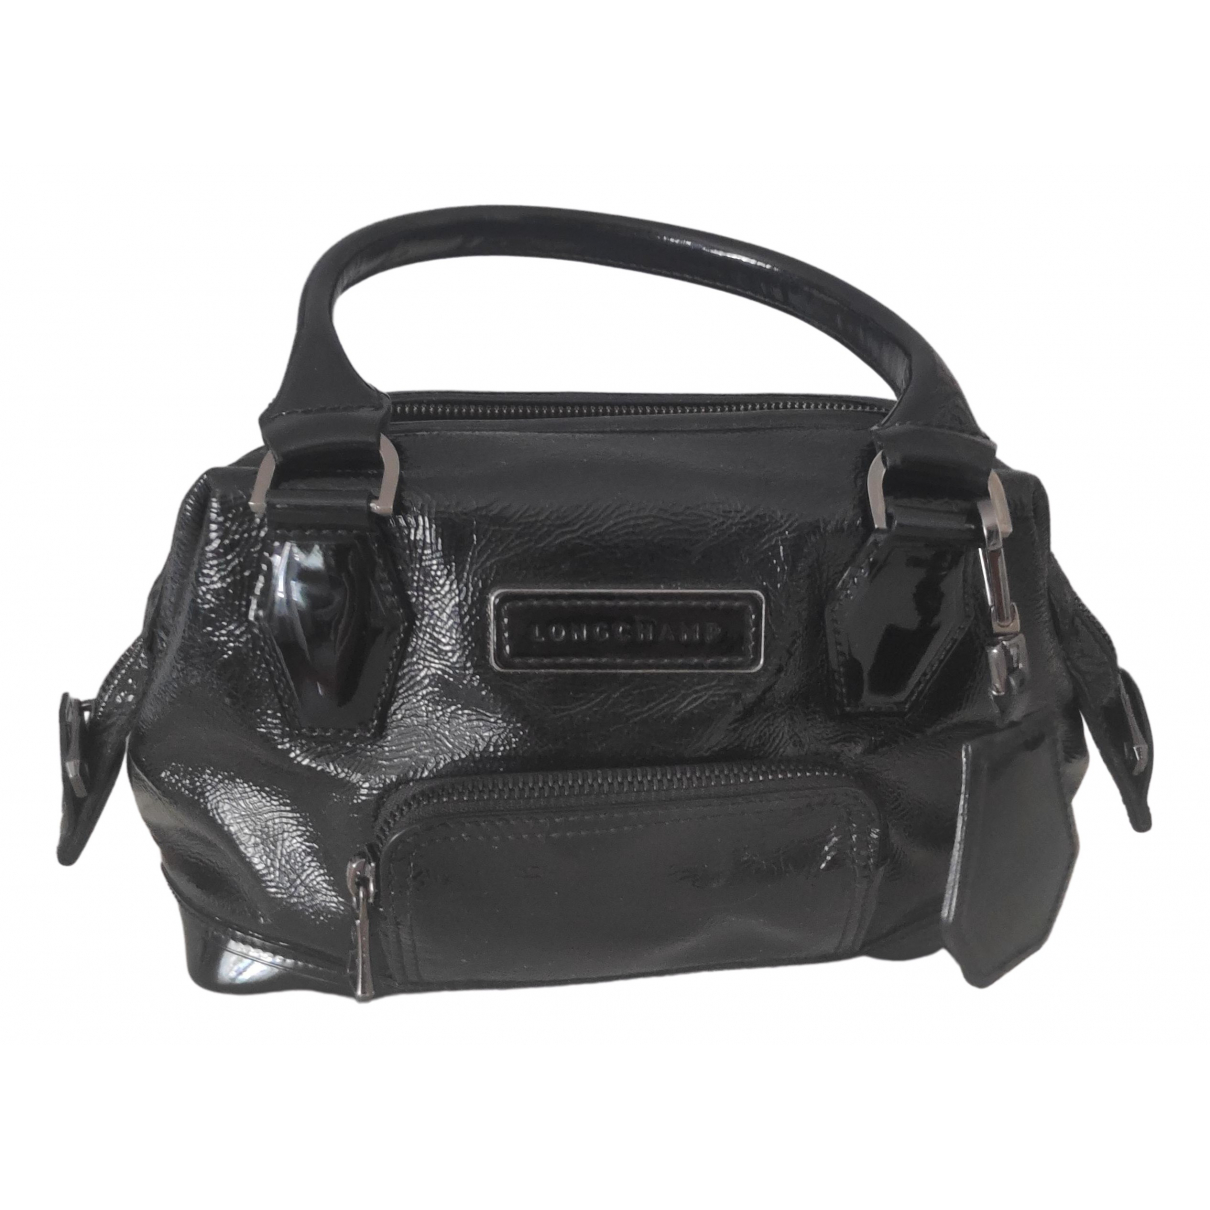 Longchamp - Sac a main Legende pour femme en cuir verni - noir